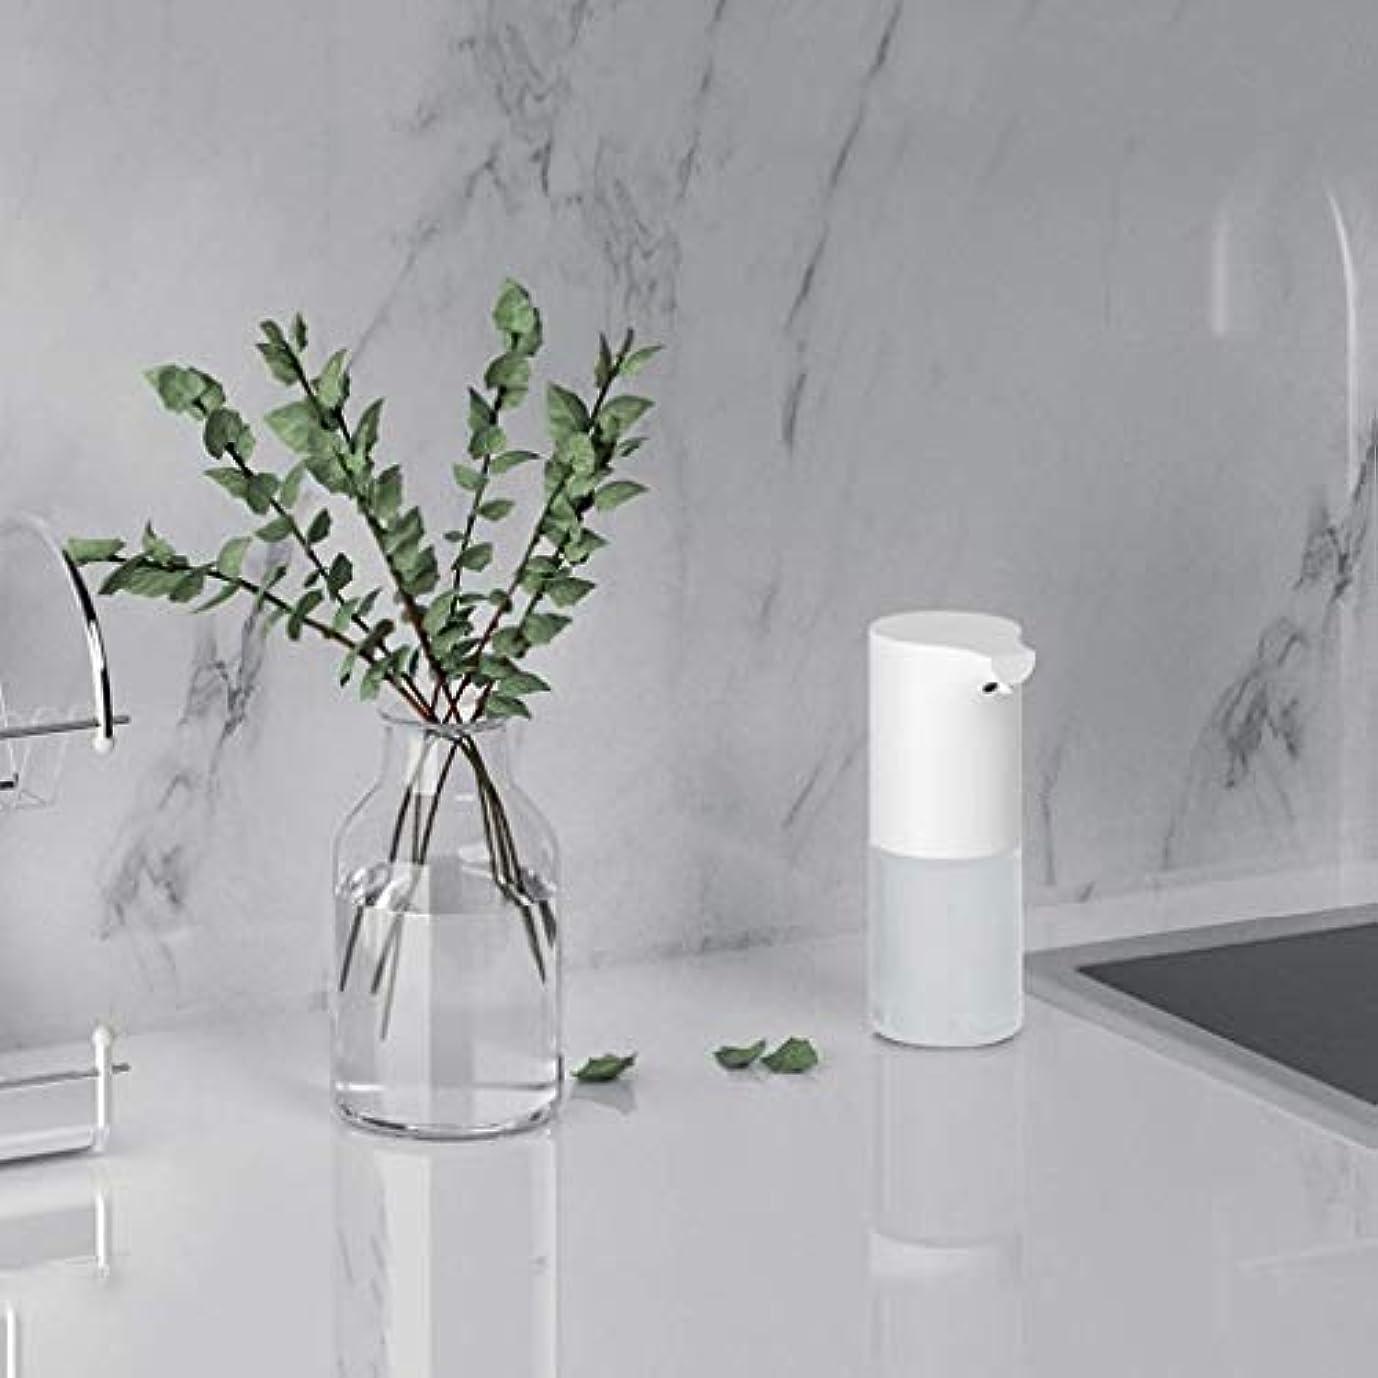 送った配管葉っぱ赤外線センサー泡手消毒剤320ミリリットル環境保護素材石鹸ボトルキッチンバスルームローション(色:白、サイズ:19 * 9.8 * 7.3 cm) (Color : White, Size : 19*9.8*7.3cm)